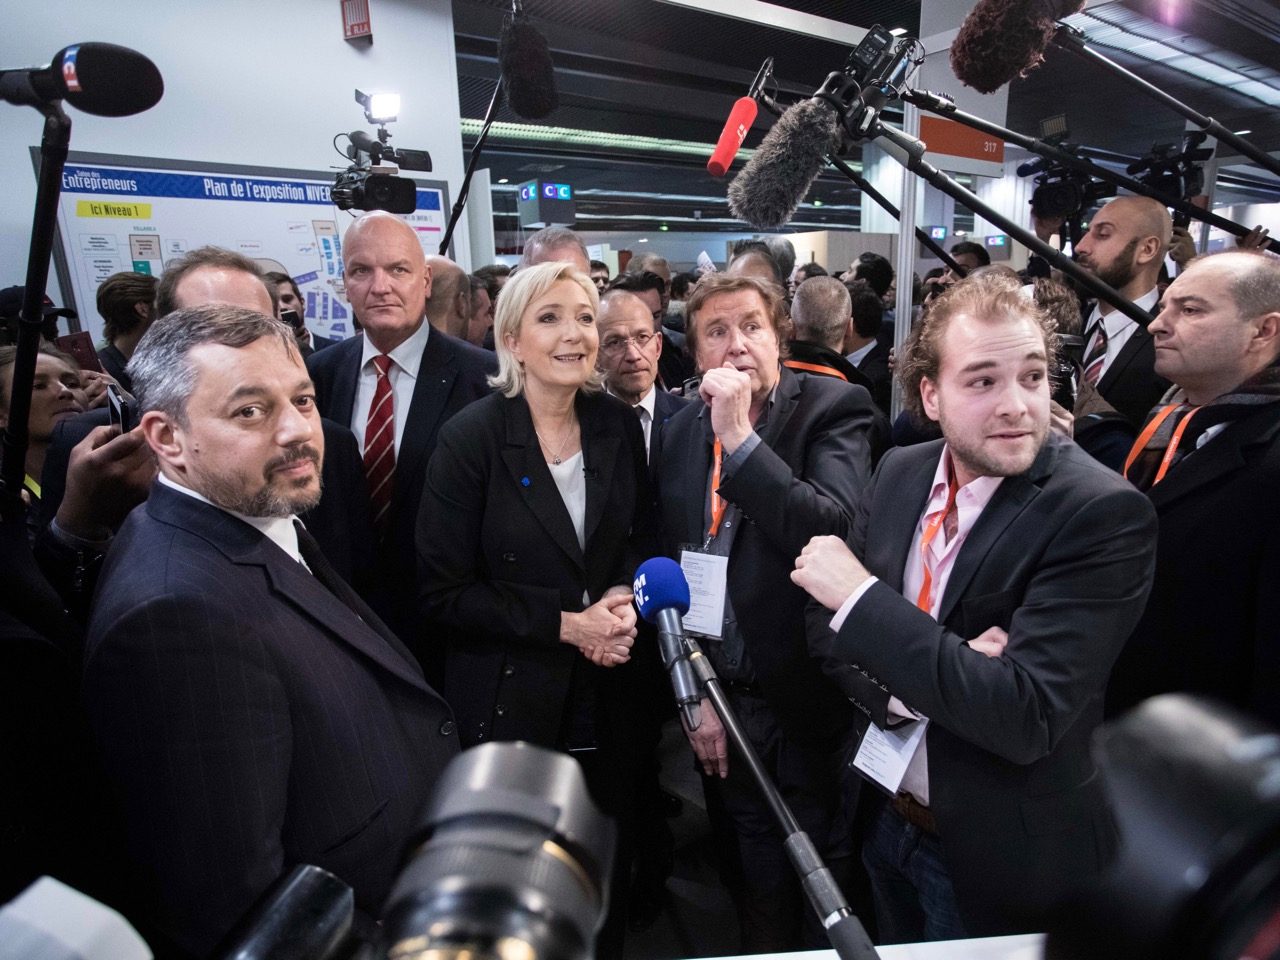 French far-right political Party National Front (FN) Leader Marine Le Pen's Press Visits le 'Salon des Entrepreneurs In Paris